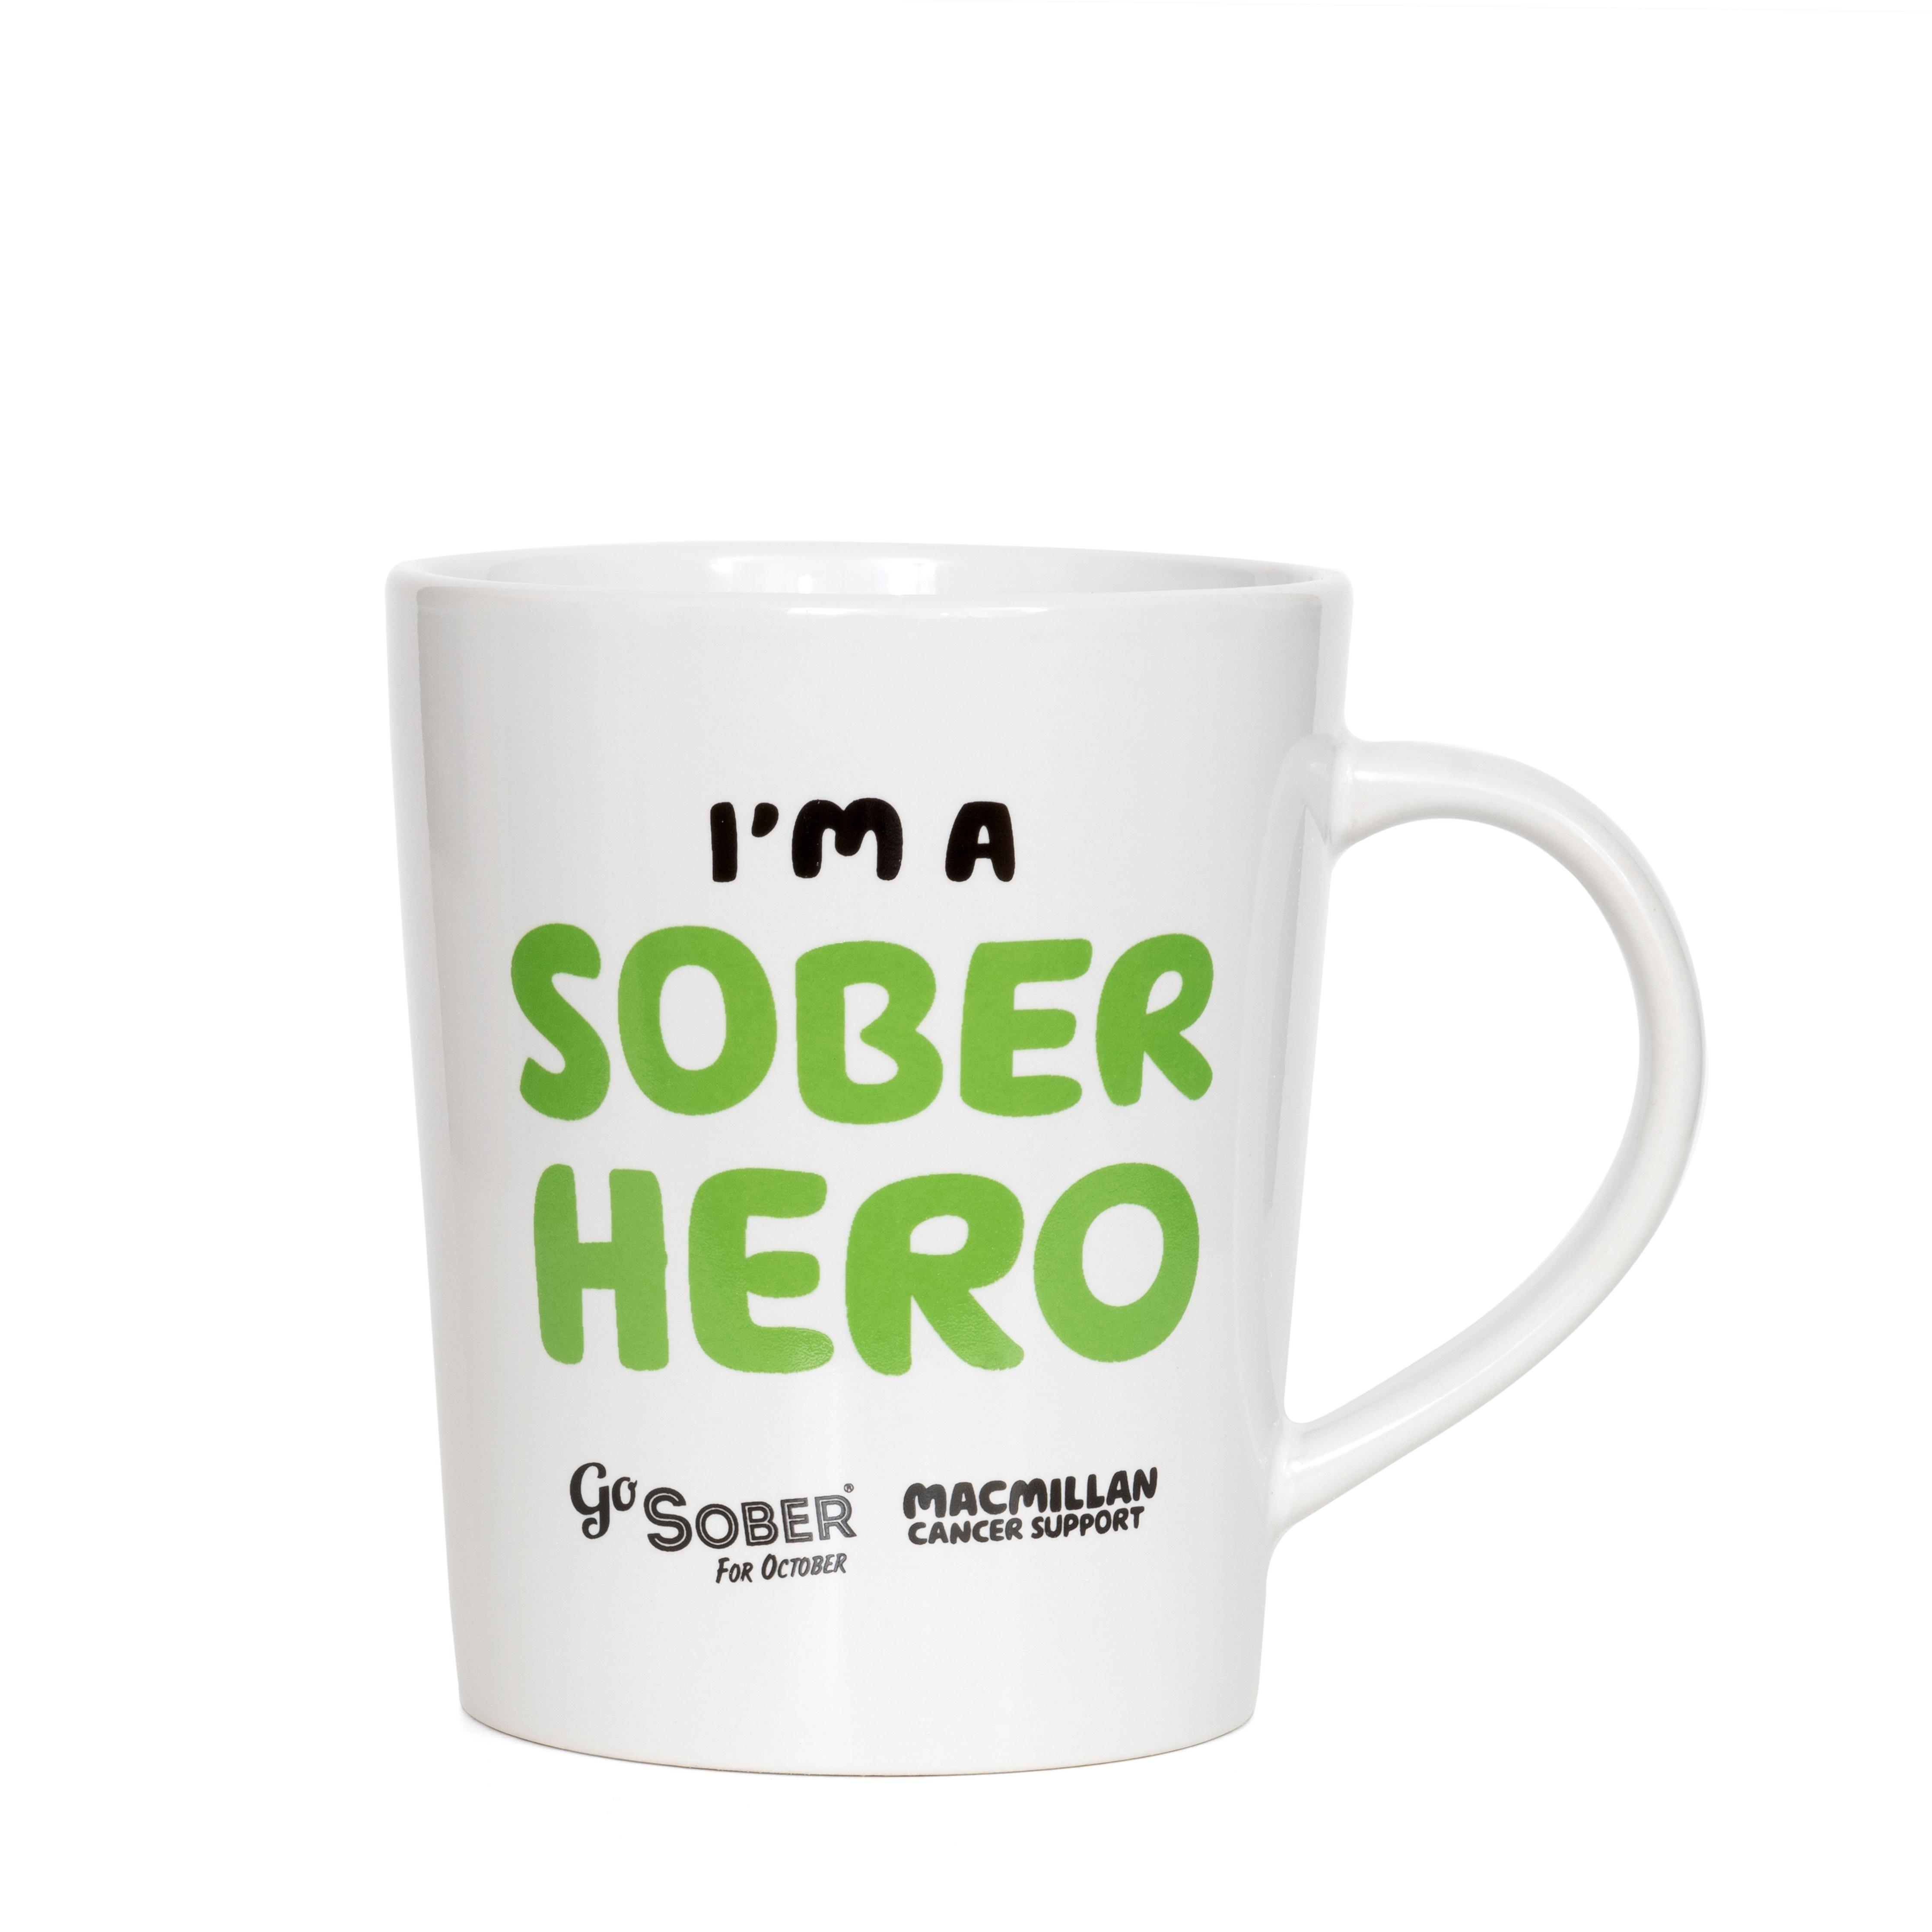 I'm a sober hero mug